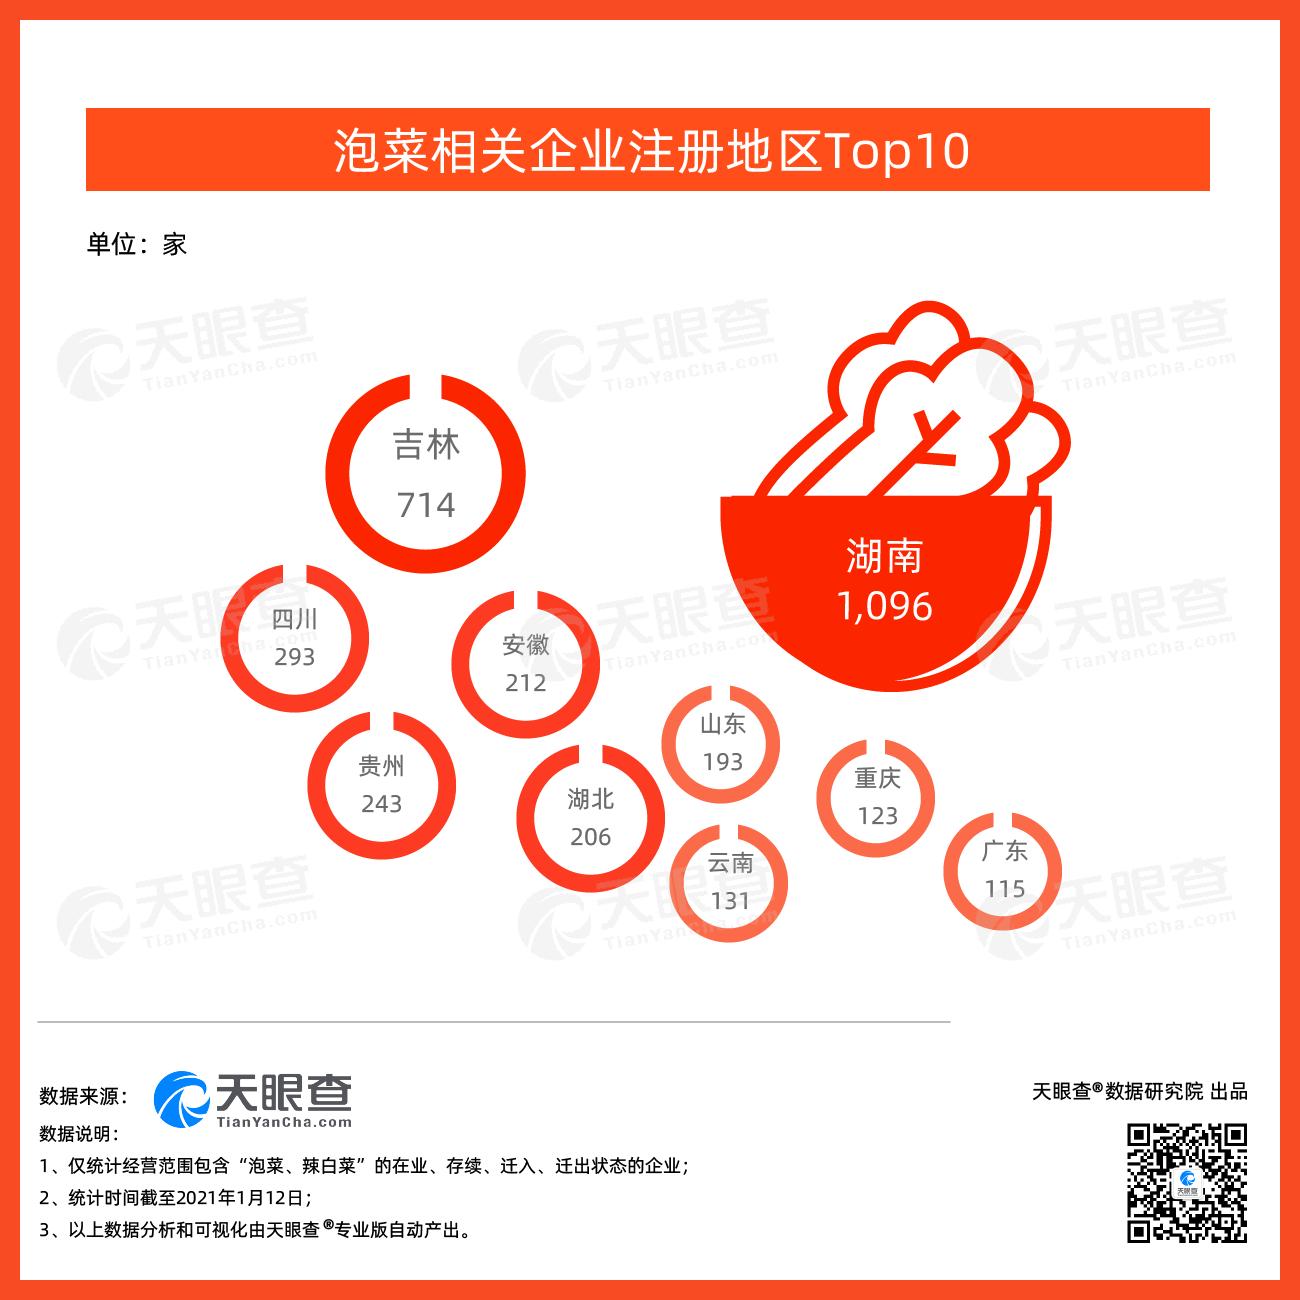 李子柒泡菜遭韩网围攻 中国泡菜相关企业连续五年注册增速稳定在10%以上